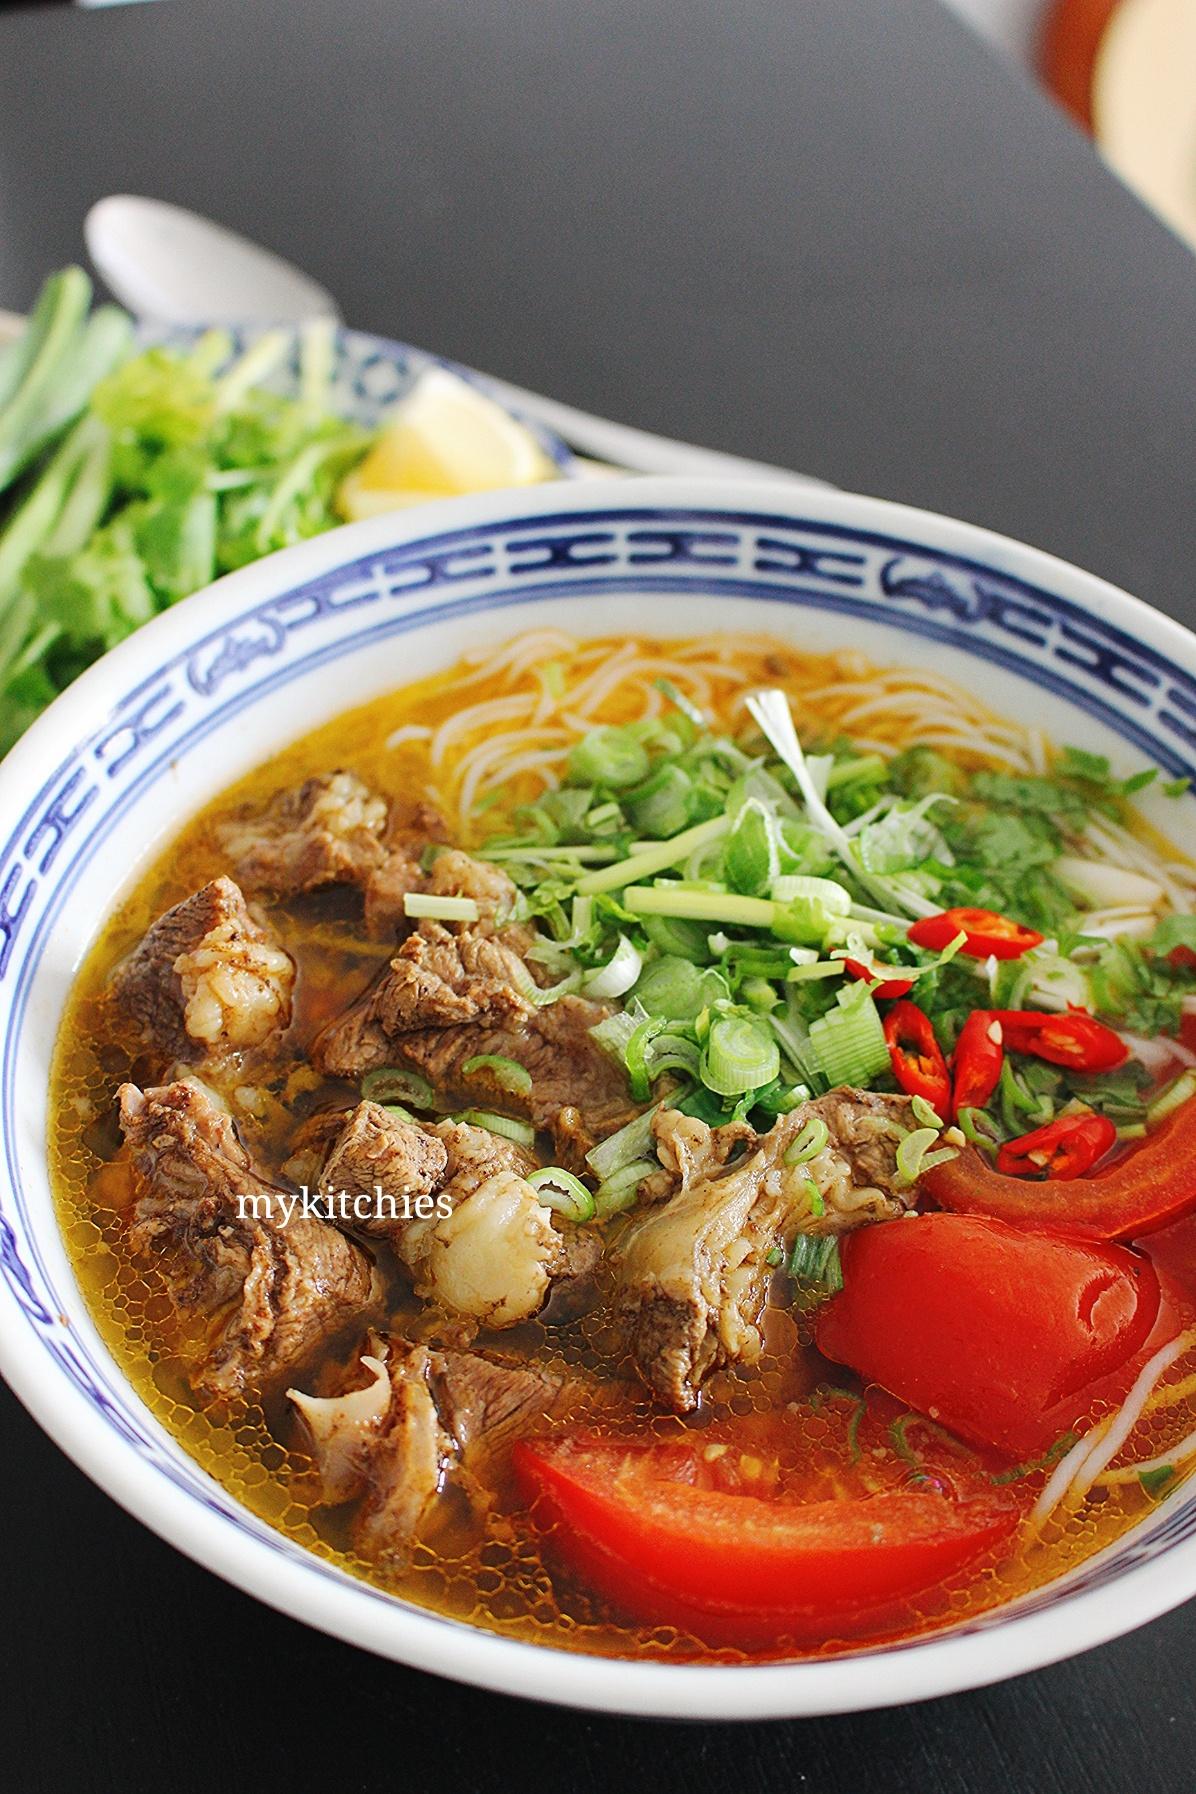 Bún Bò Hầm Nghệ An – Nghe An beef noodle soup – My Kitchies – Bếp Á Âu